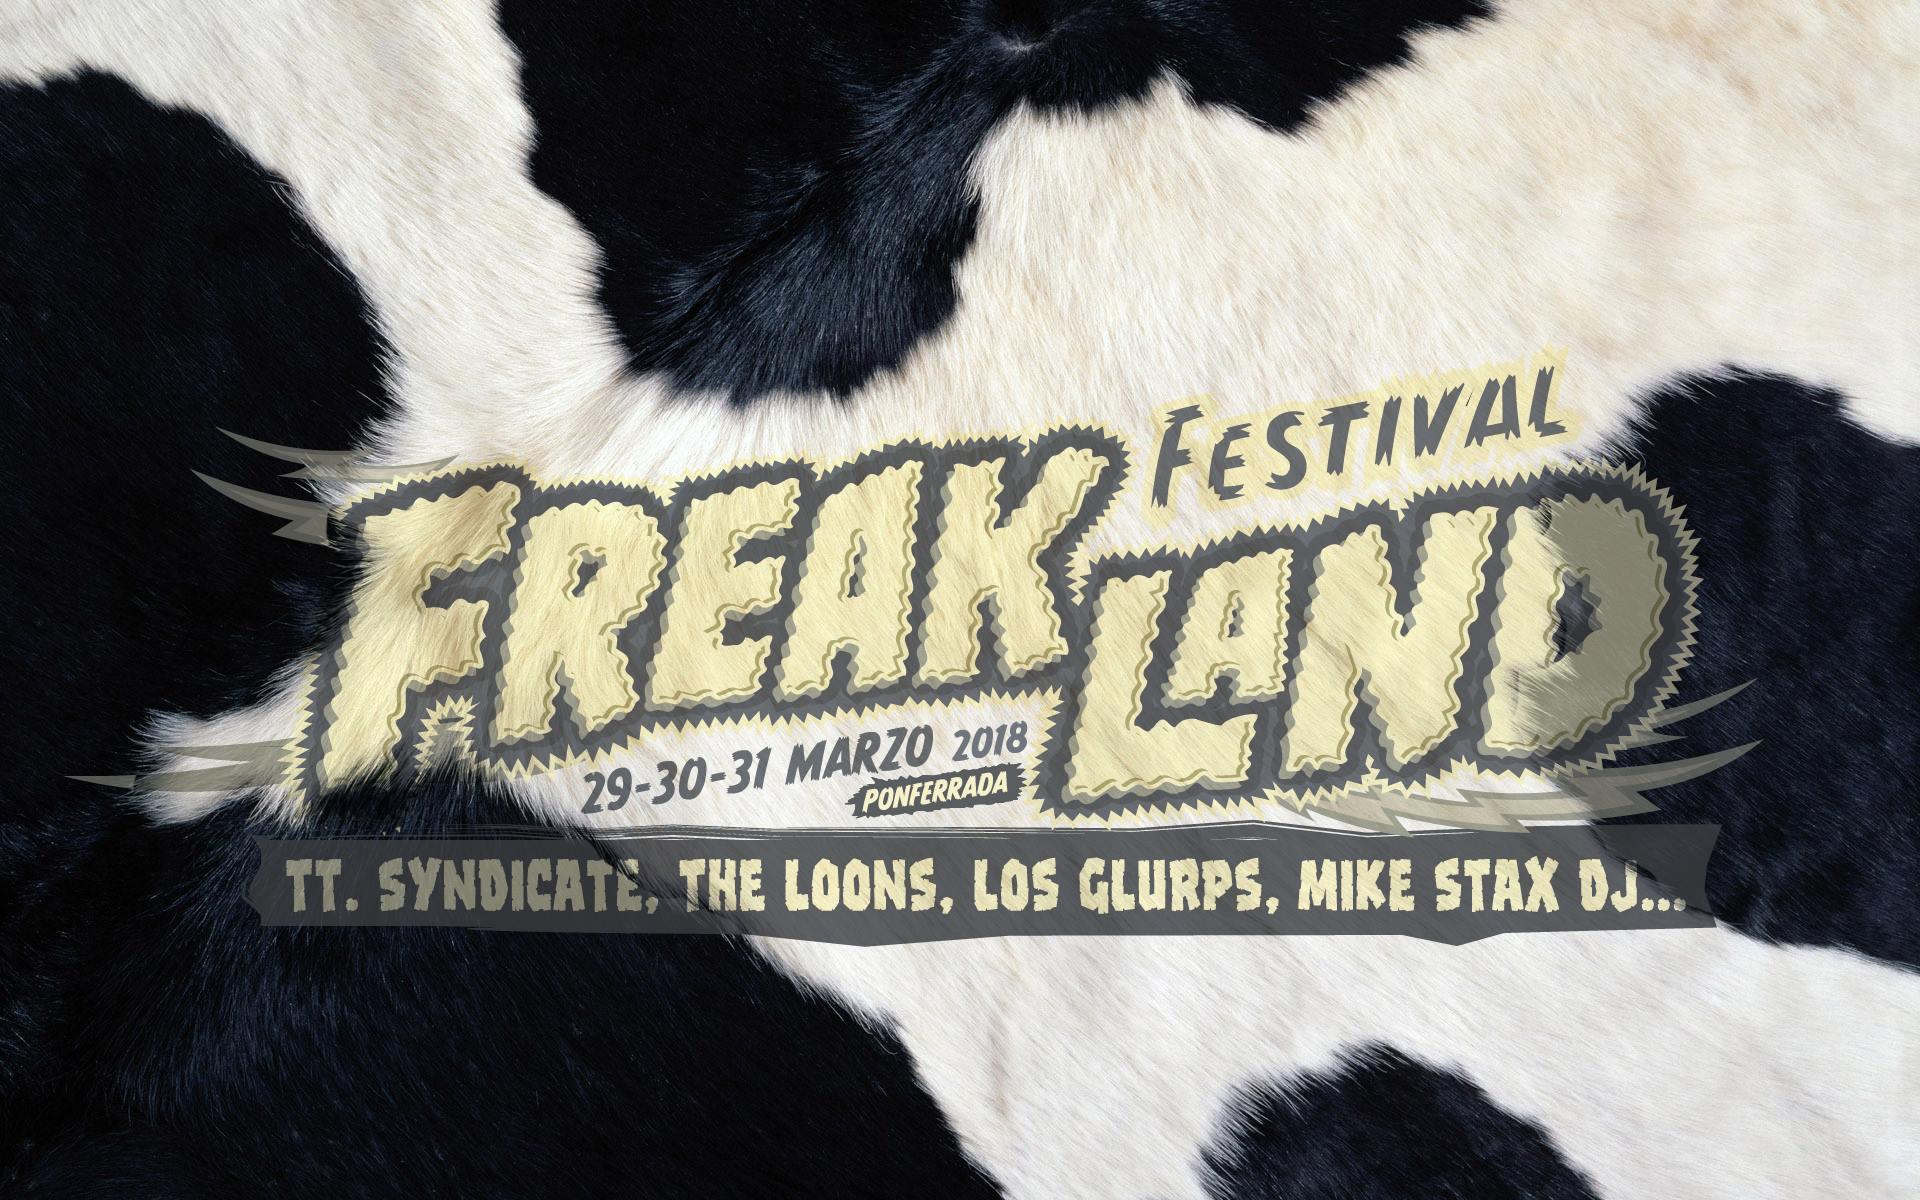 Primeros artistas confirmados para el Freakland Festival 2018 de Ponferrada 2